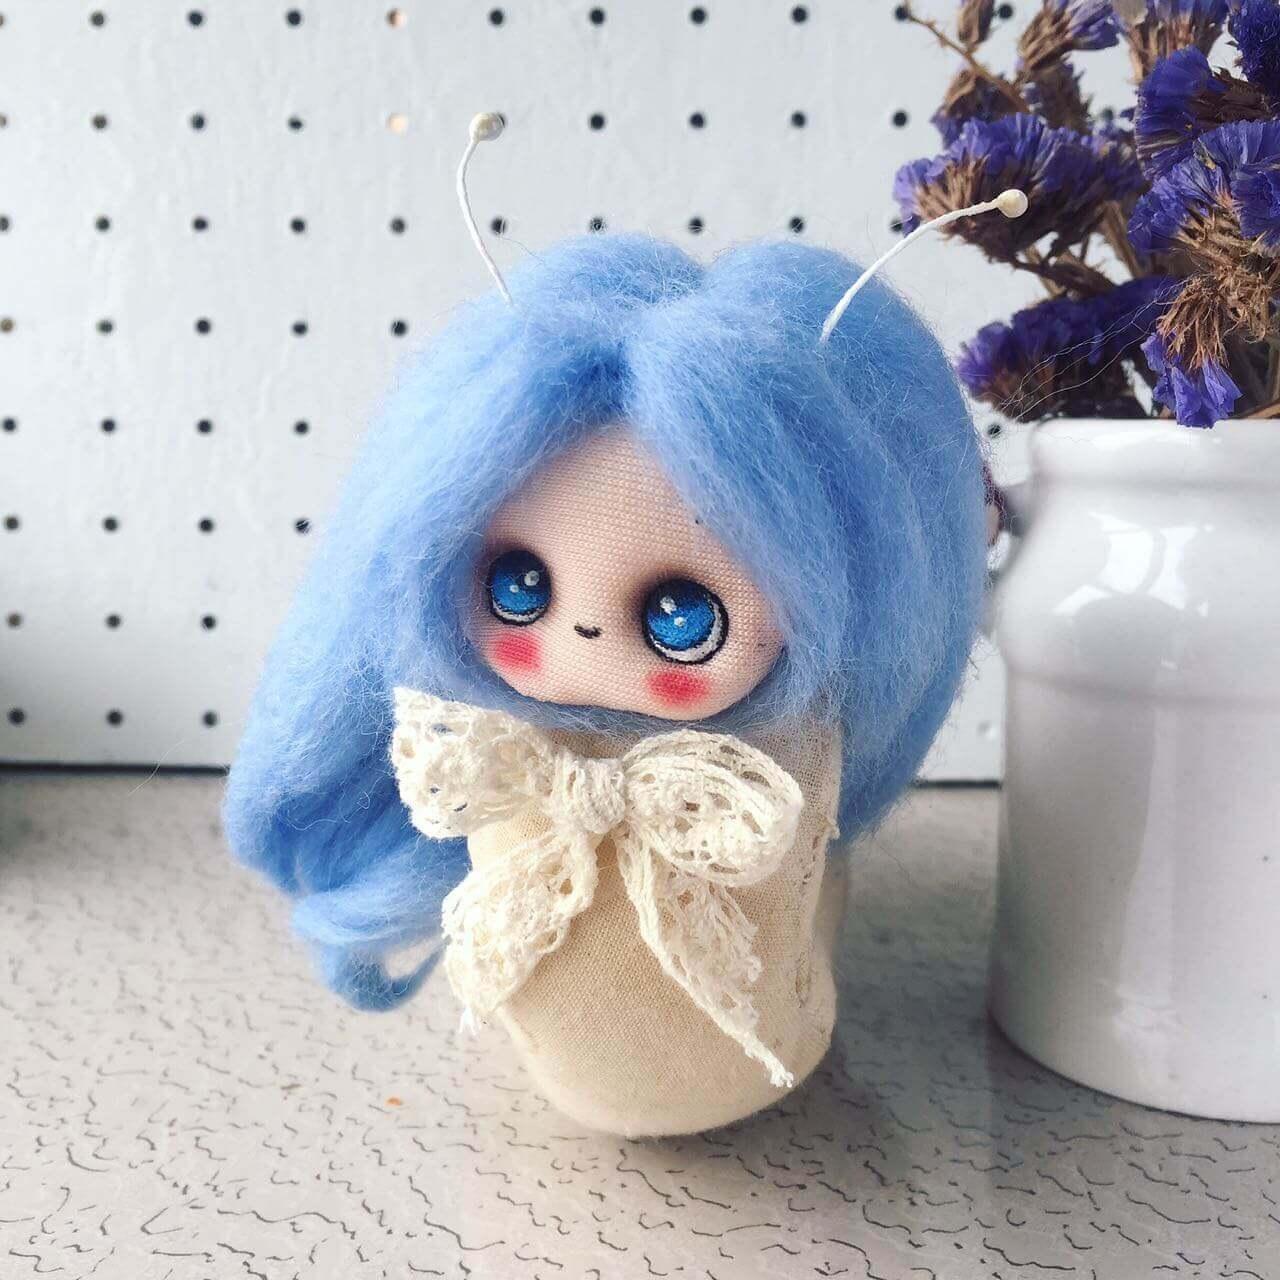 Patung Kecil Dan Comel Dari Dolittle Handmade